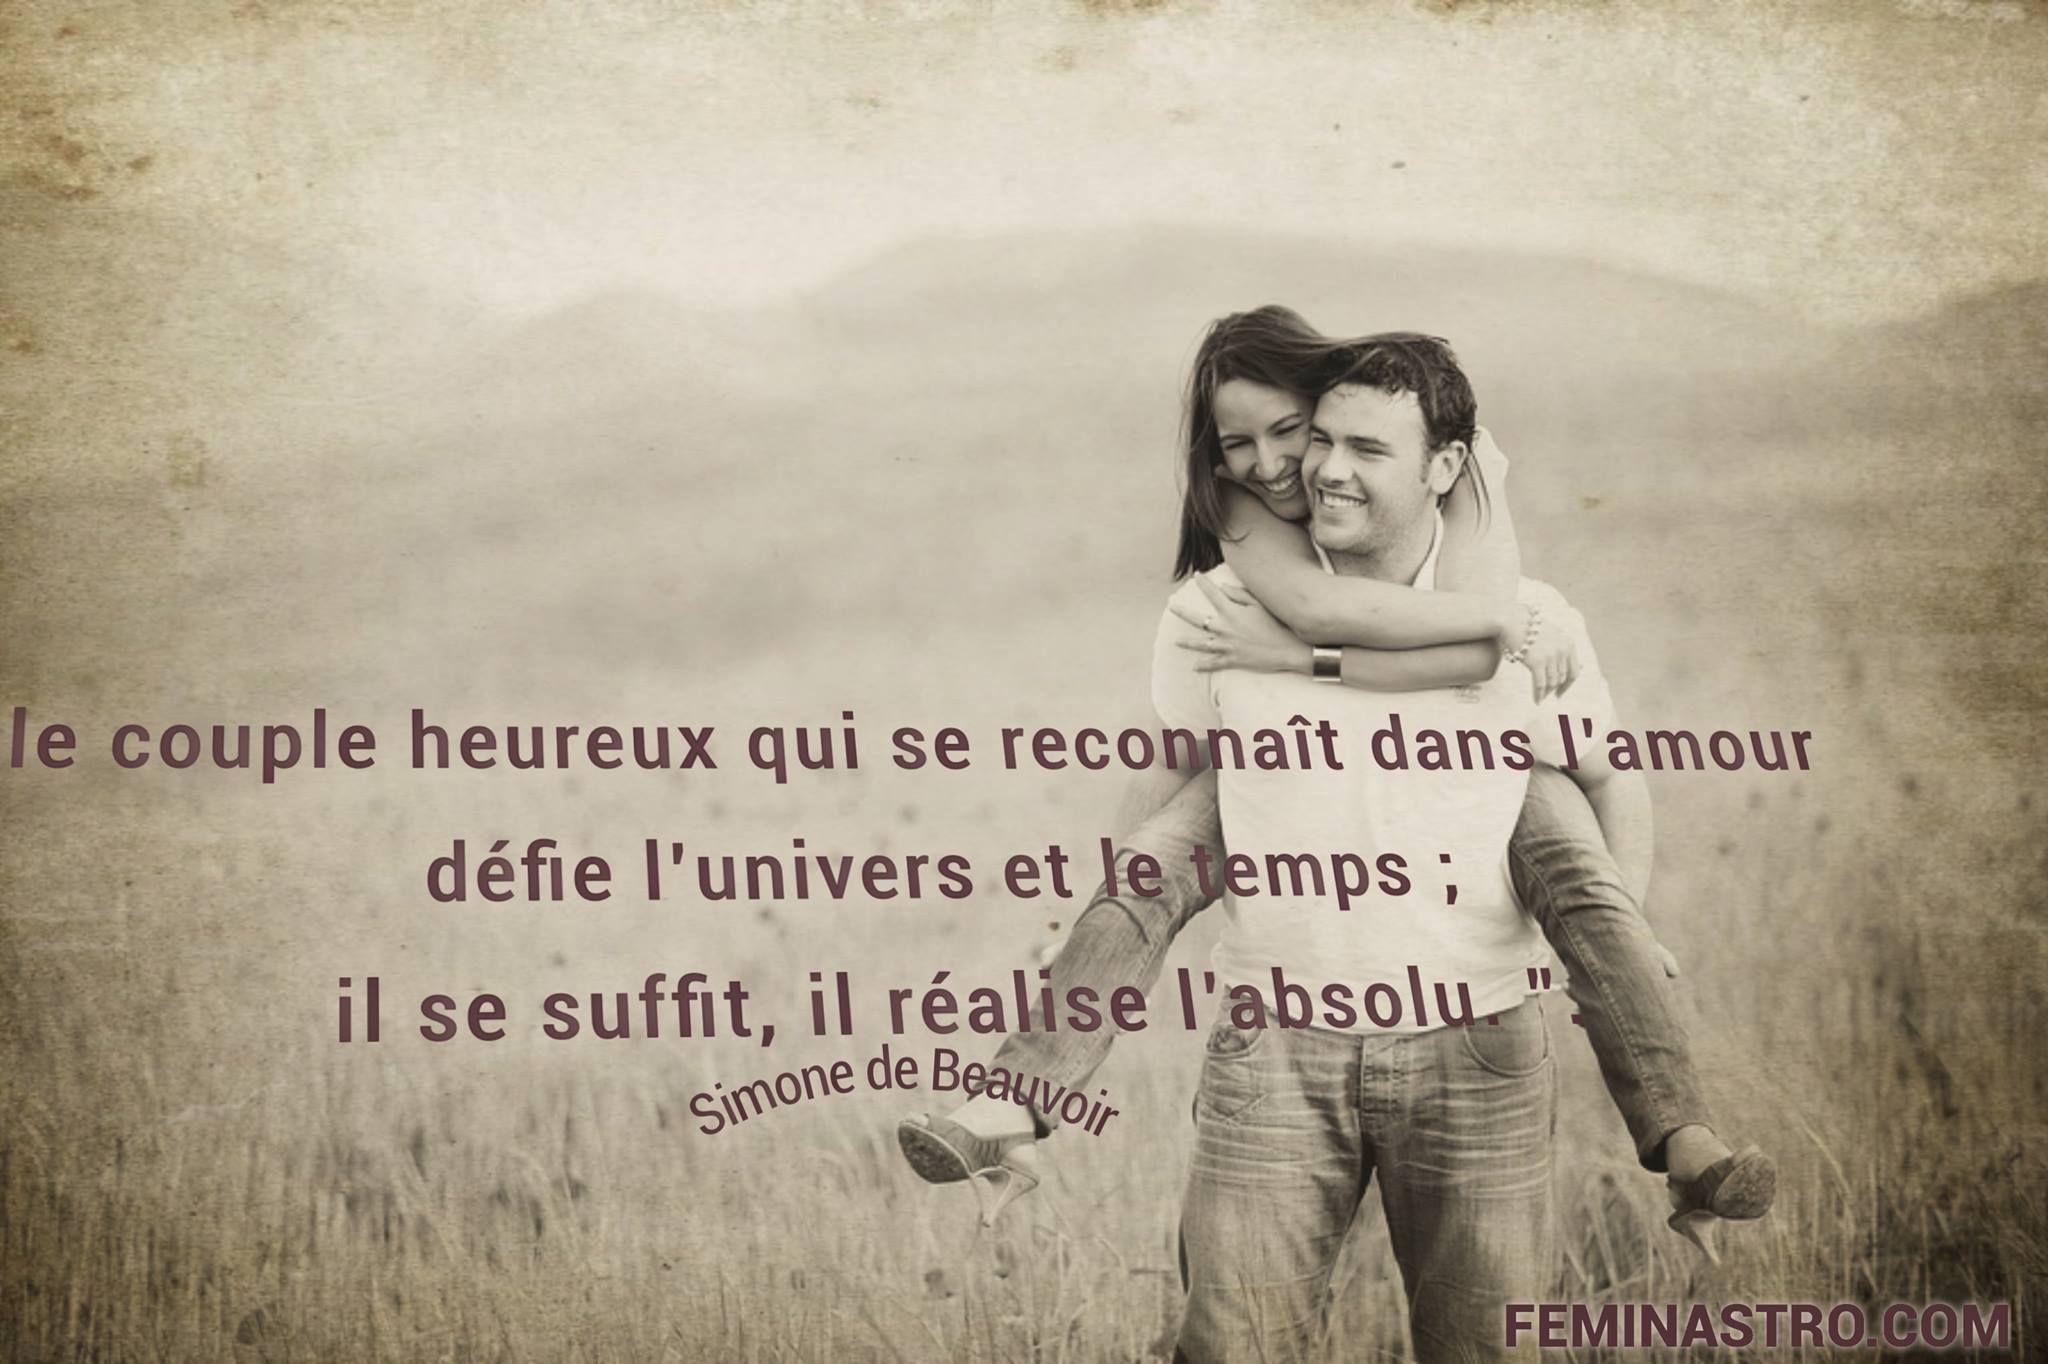 Le Couple Heureux Couple Citations Proverbes Amour